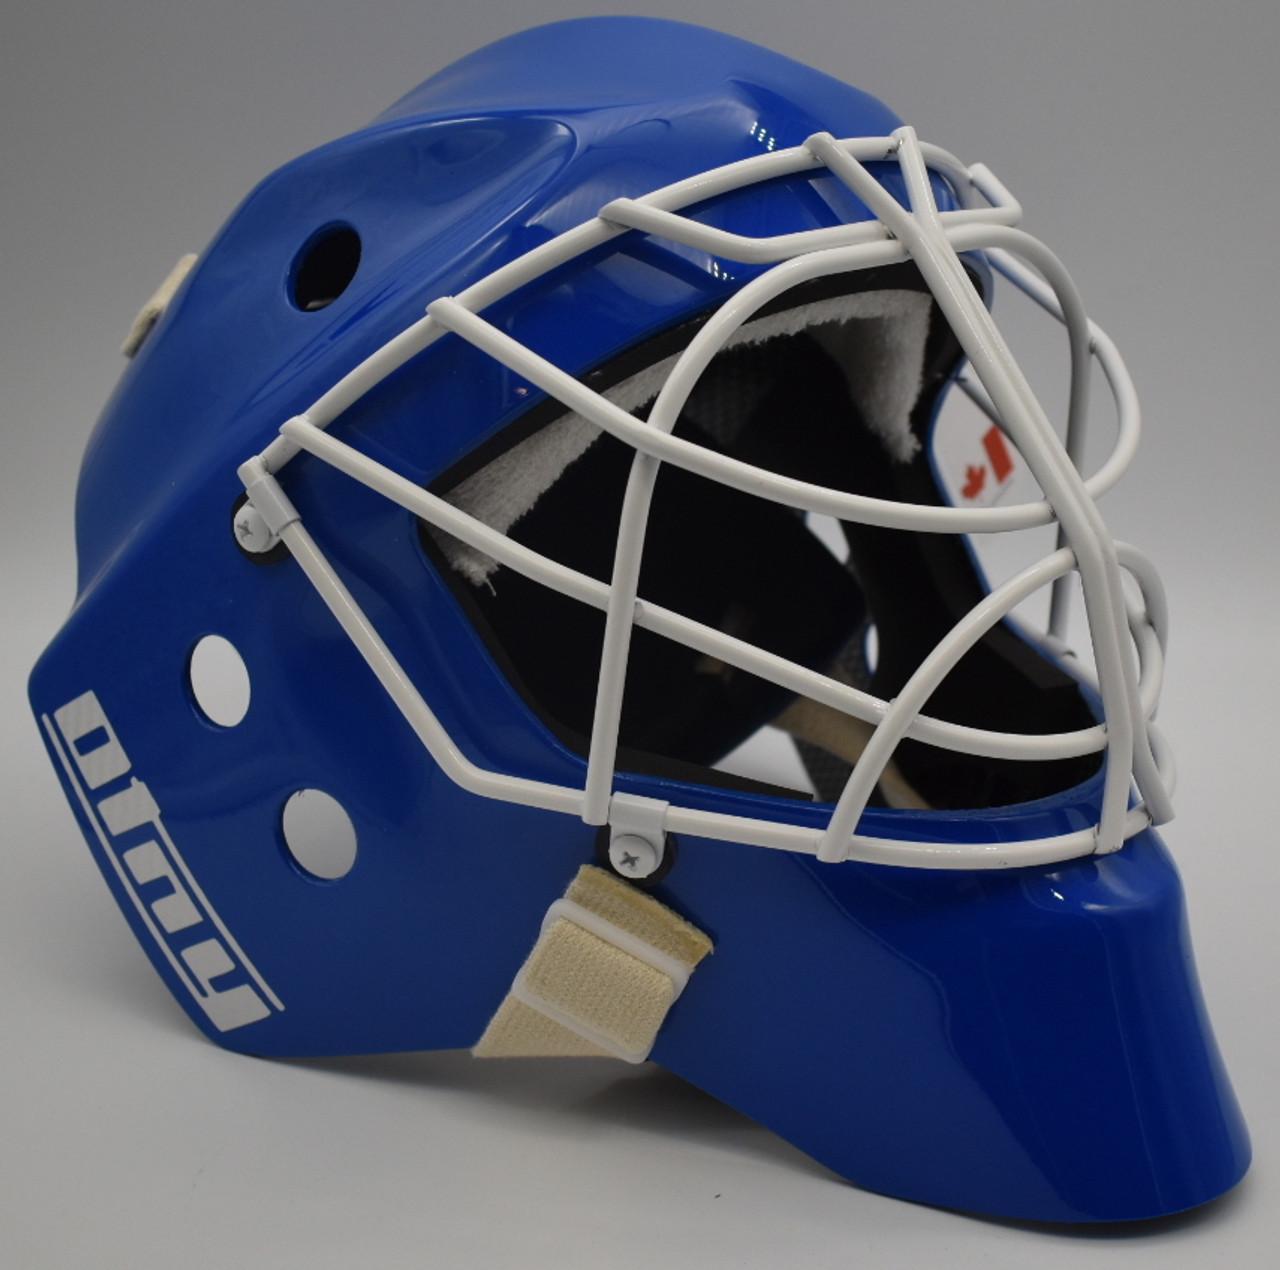 OTNY X3i ECO Goalie Mask